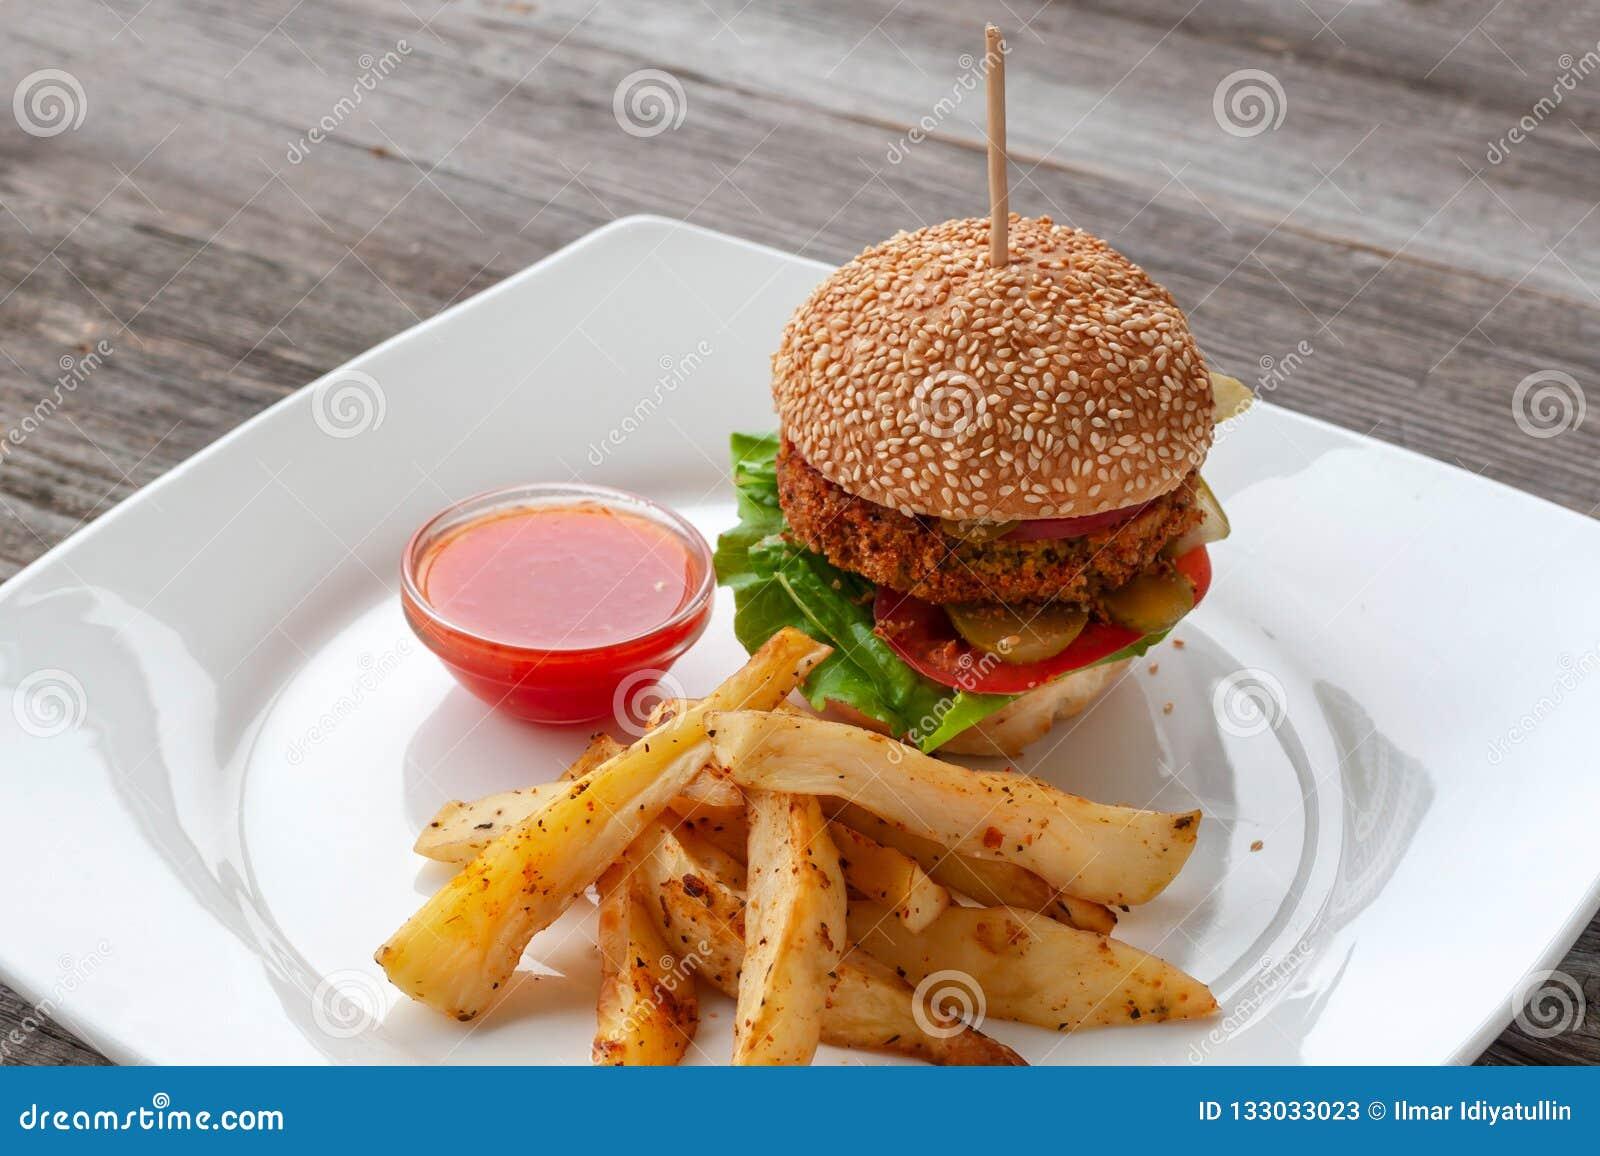 素食主义者汉堡,成份:芝麻小圆面包,鸡豆的柏蒂,辣椒